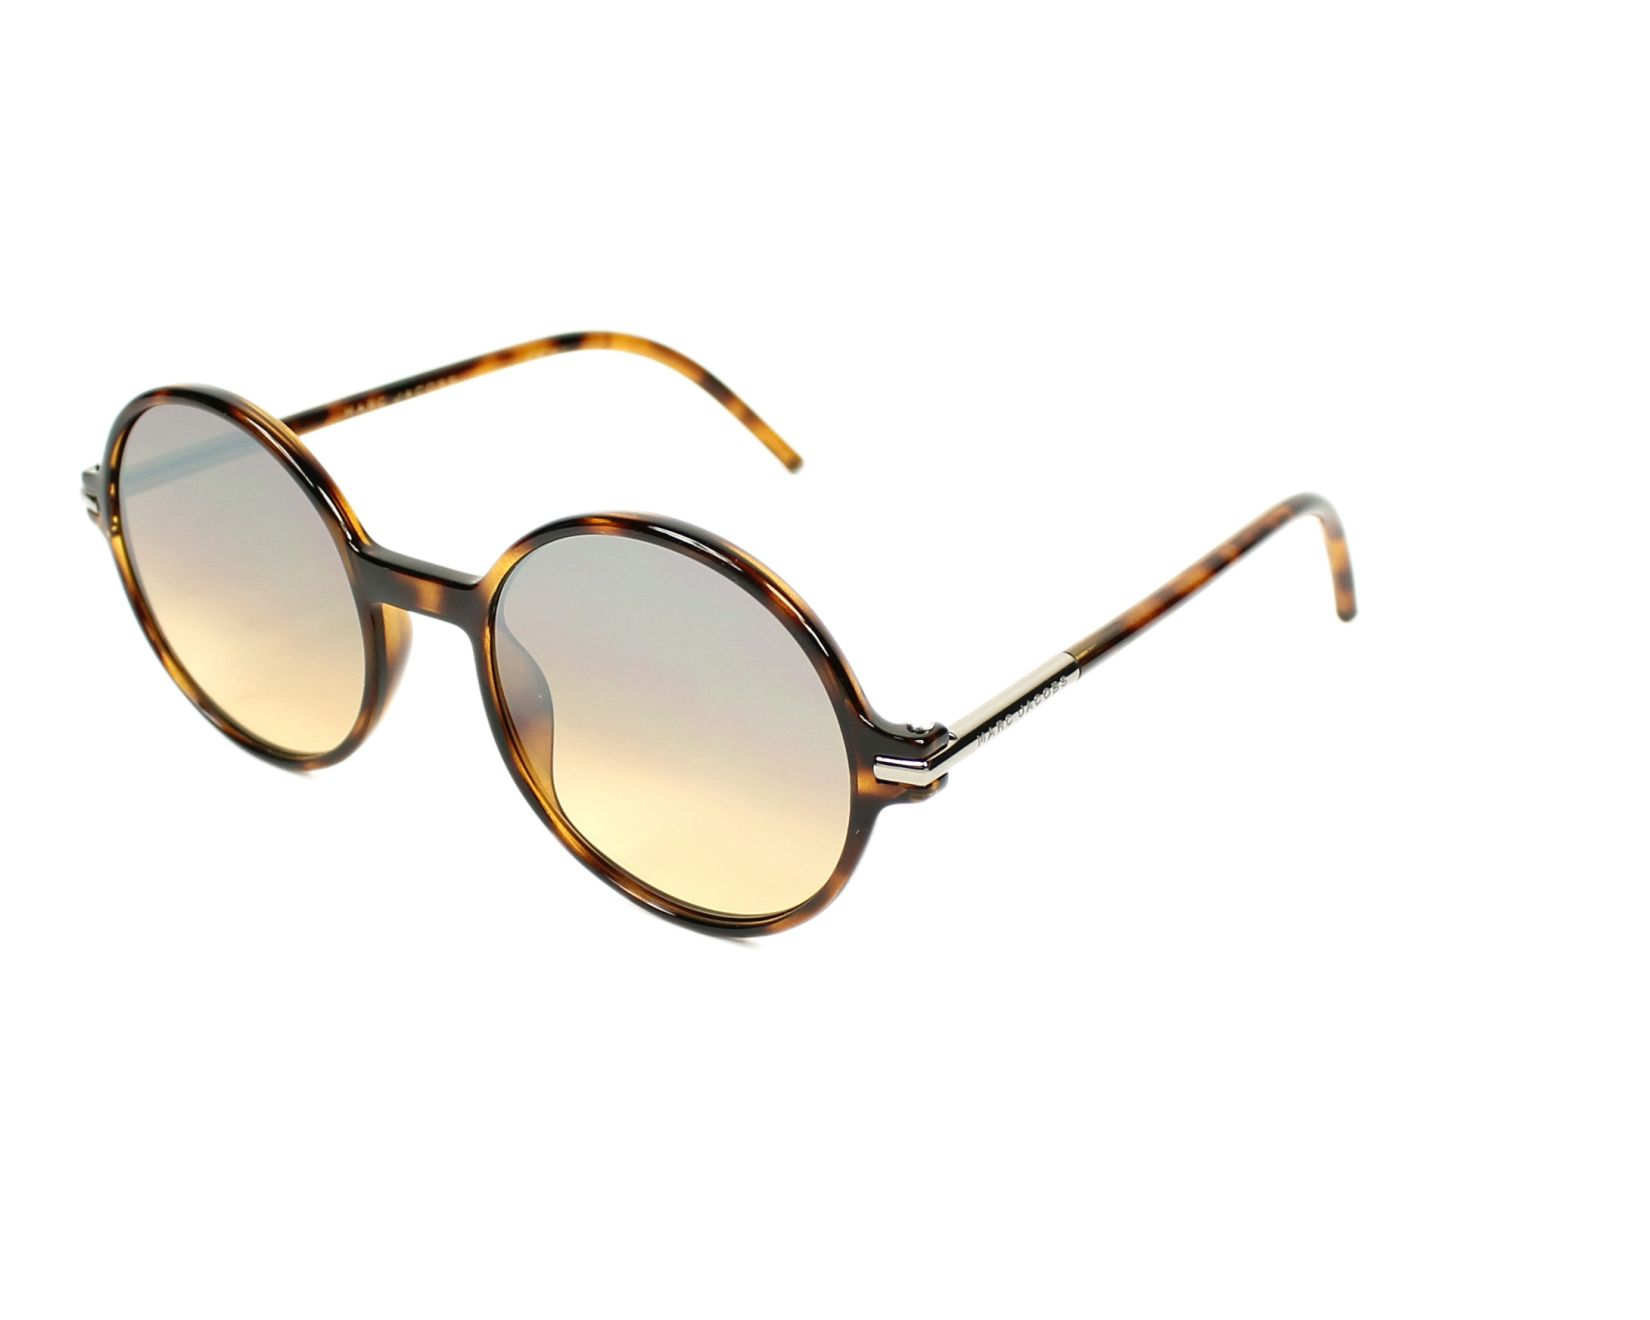 thumbnail Sunglasses Marc Jacobs Marc-48-S TLR GG - Havana profile view 7c6d640c397e